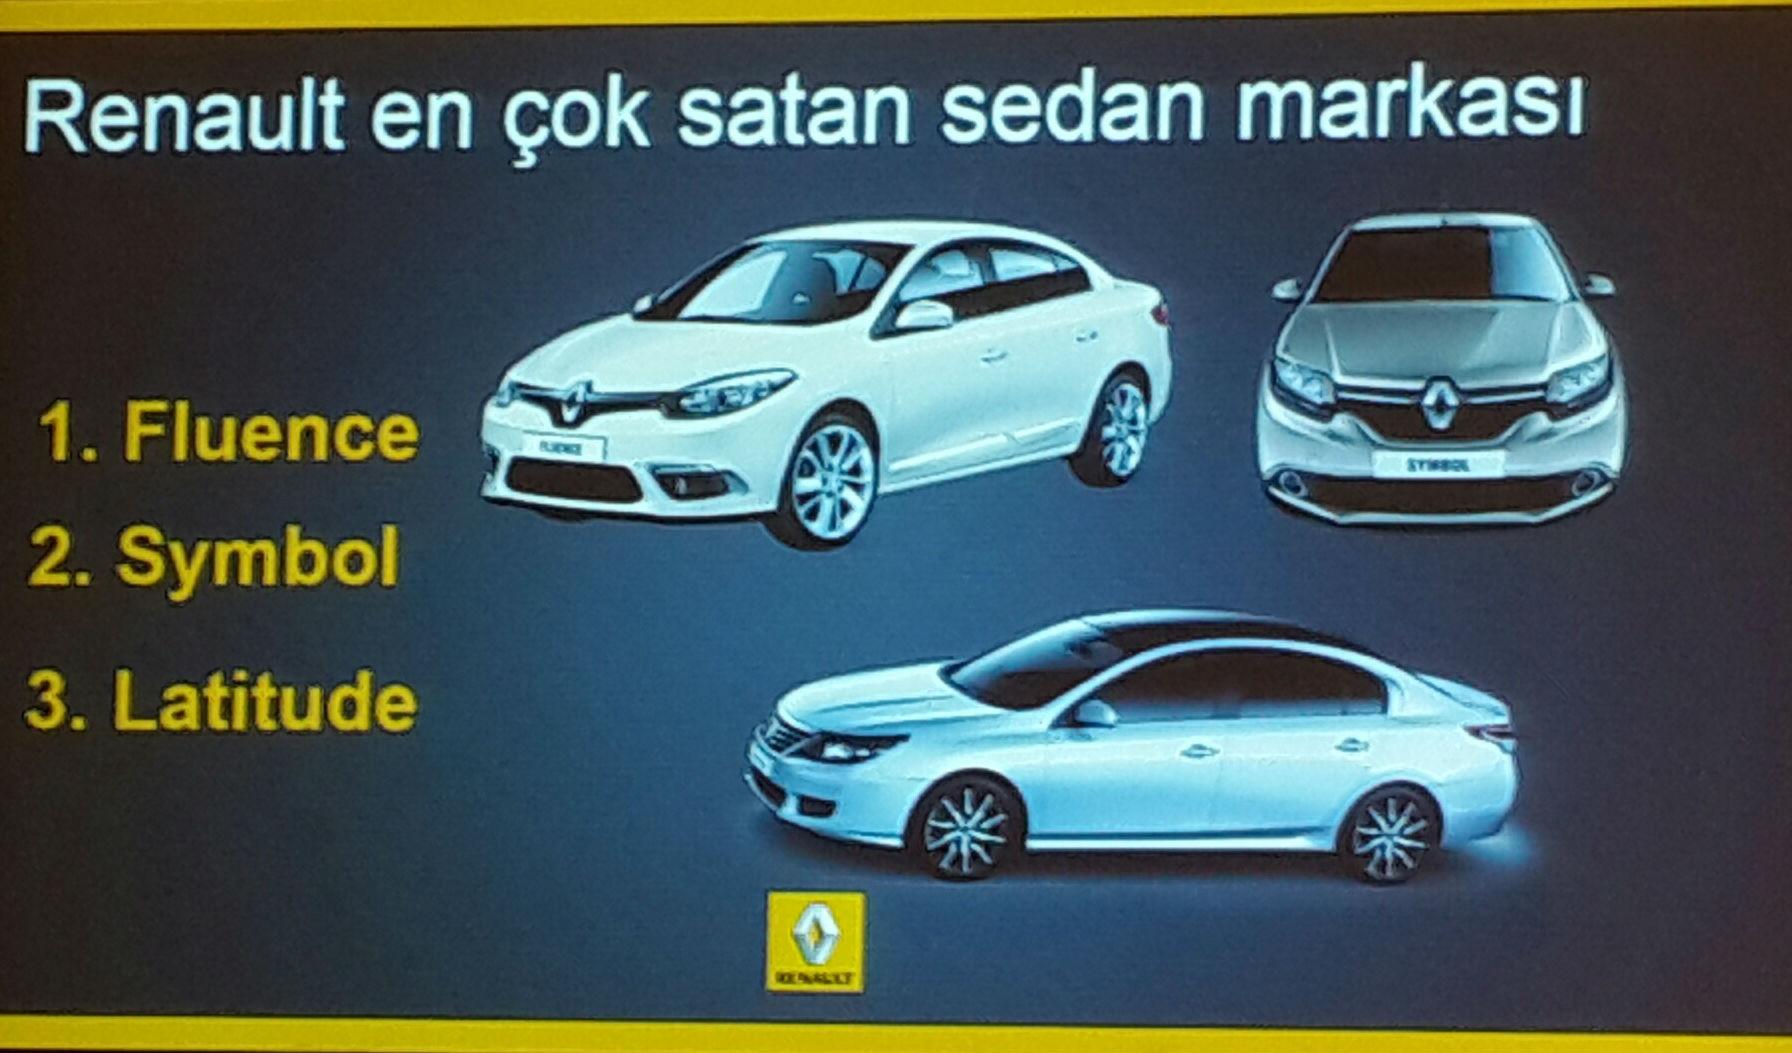 Renault, Sedan'da en çok tercih edilen marka oldu